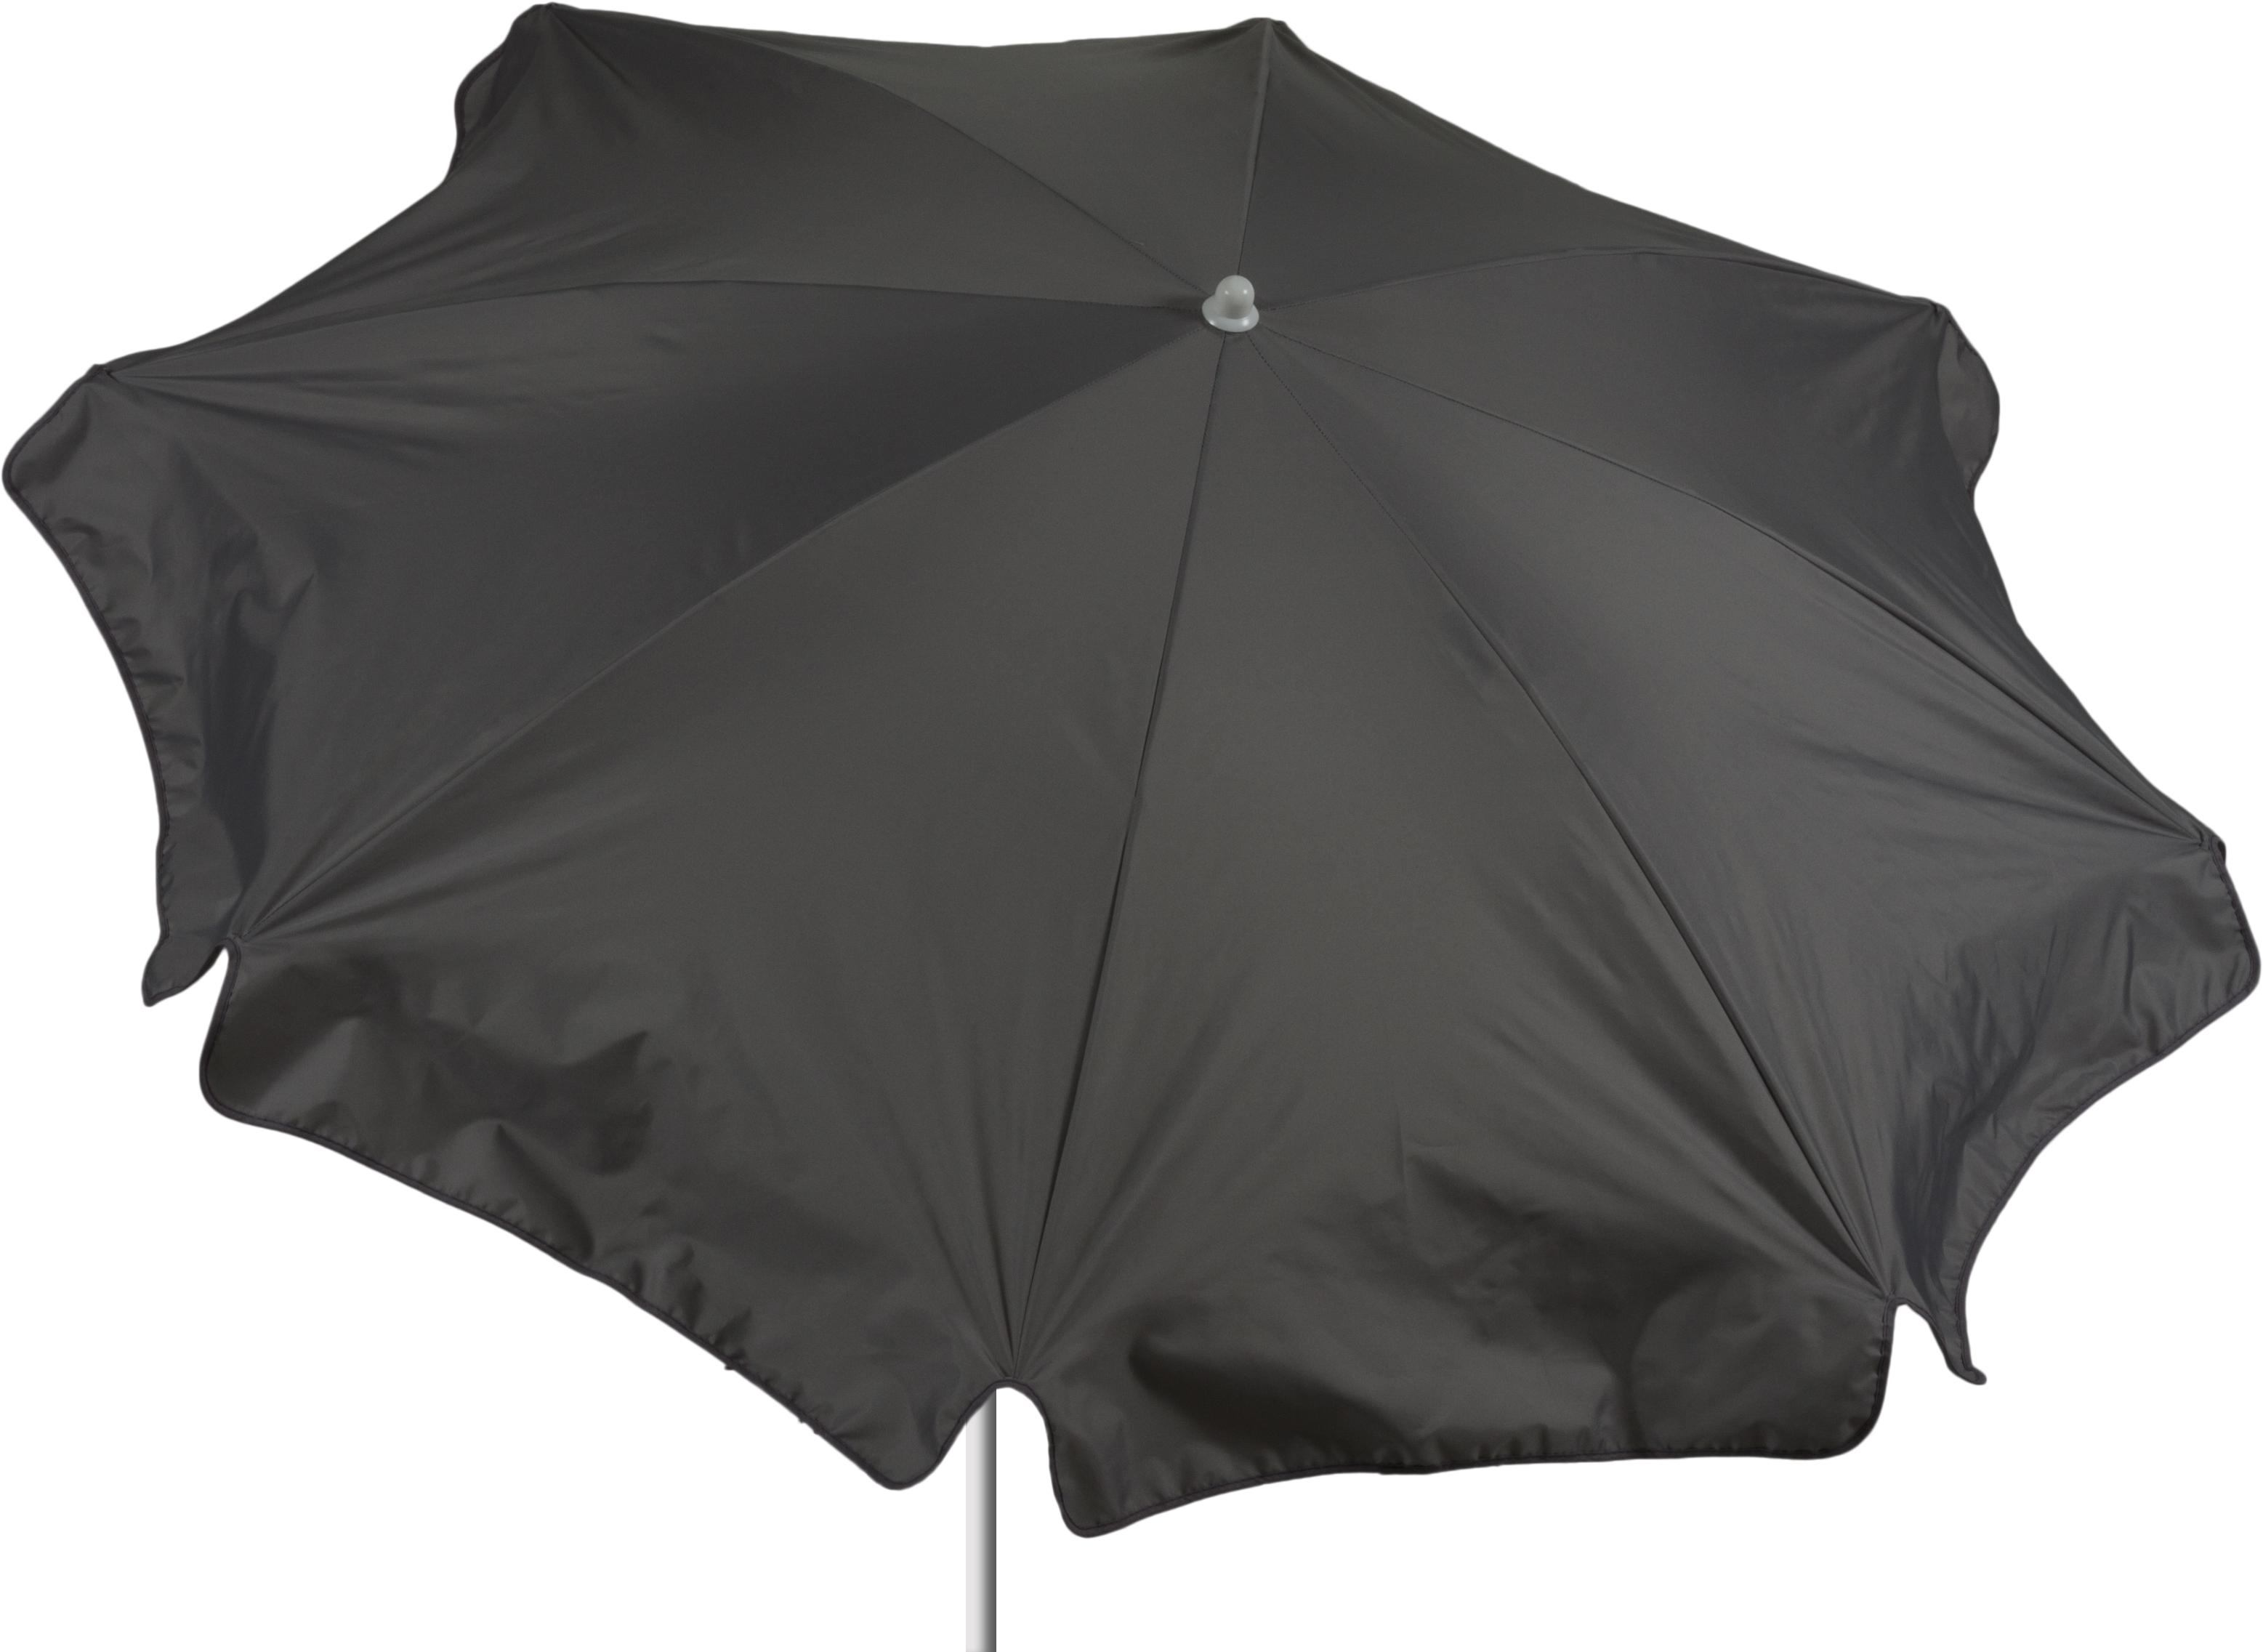 Sonnenschirm 180 cm Durchmesser in grau Bespannung 100% Polyester wasserabweisend 1